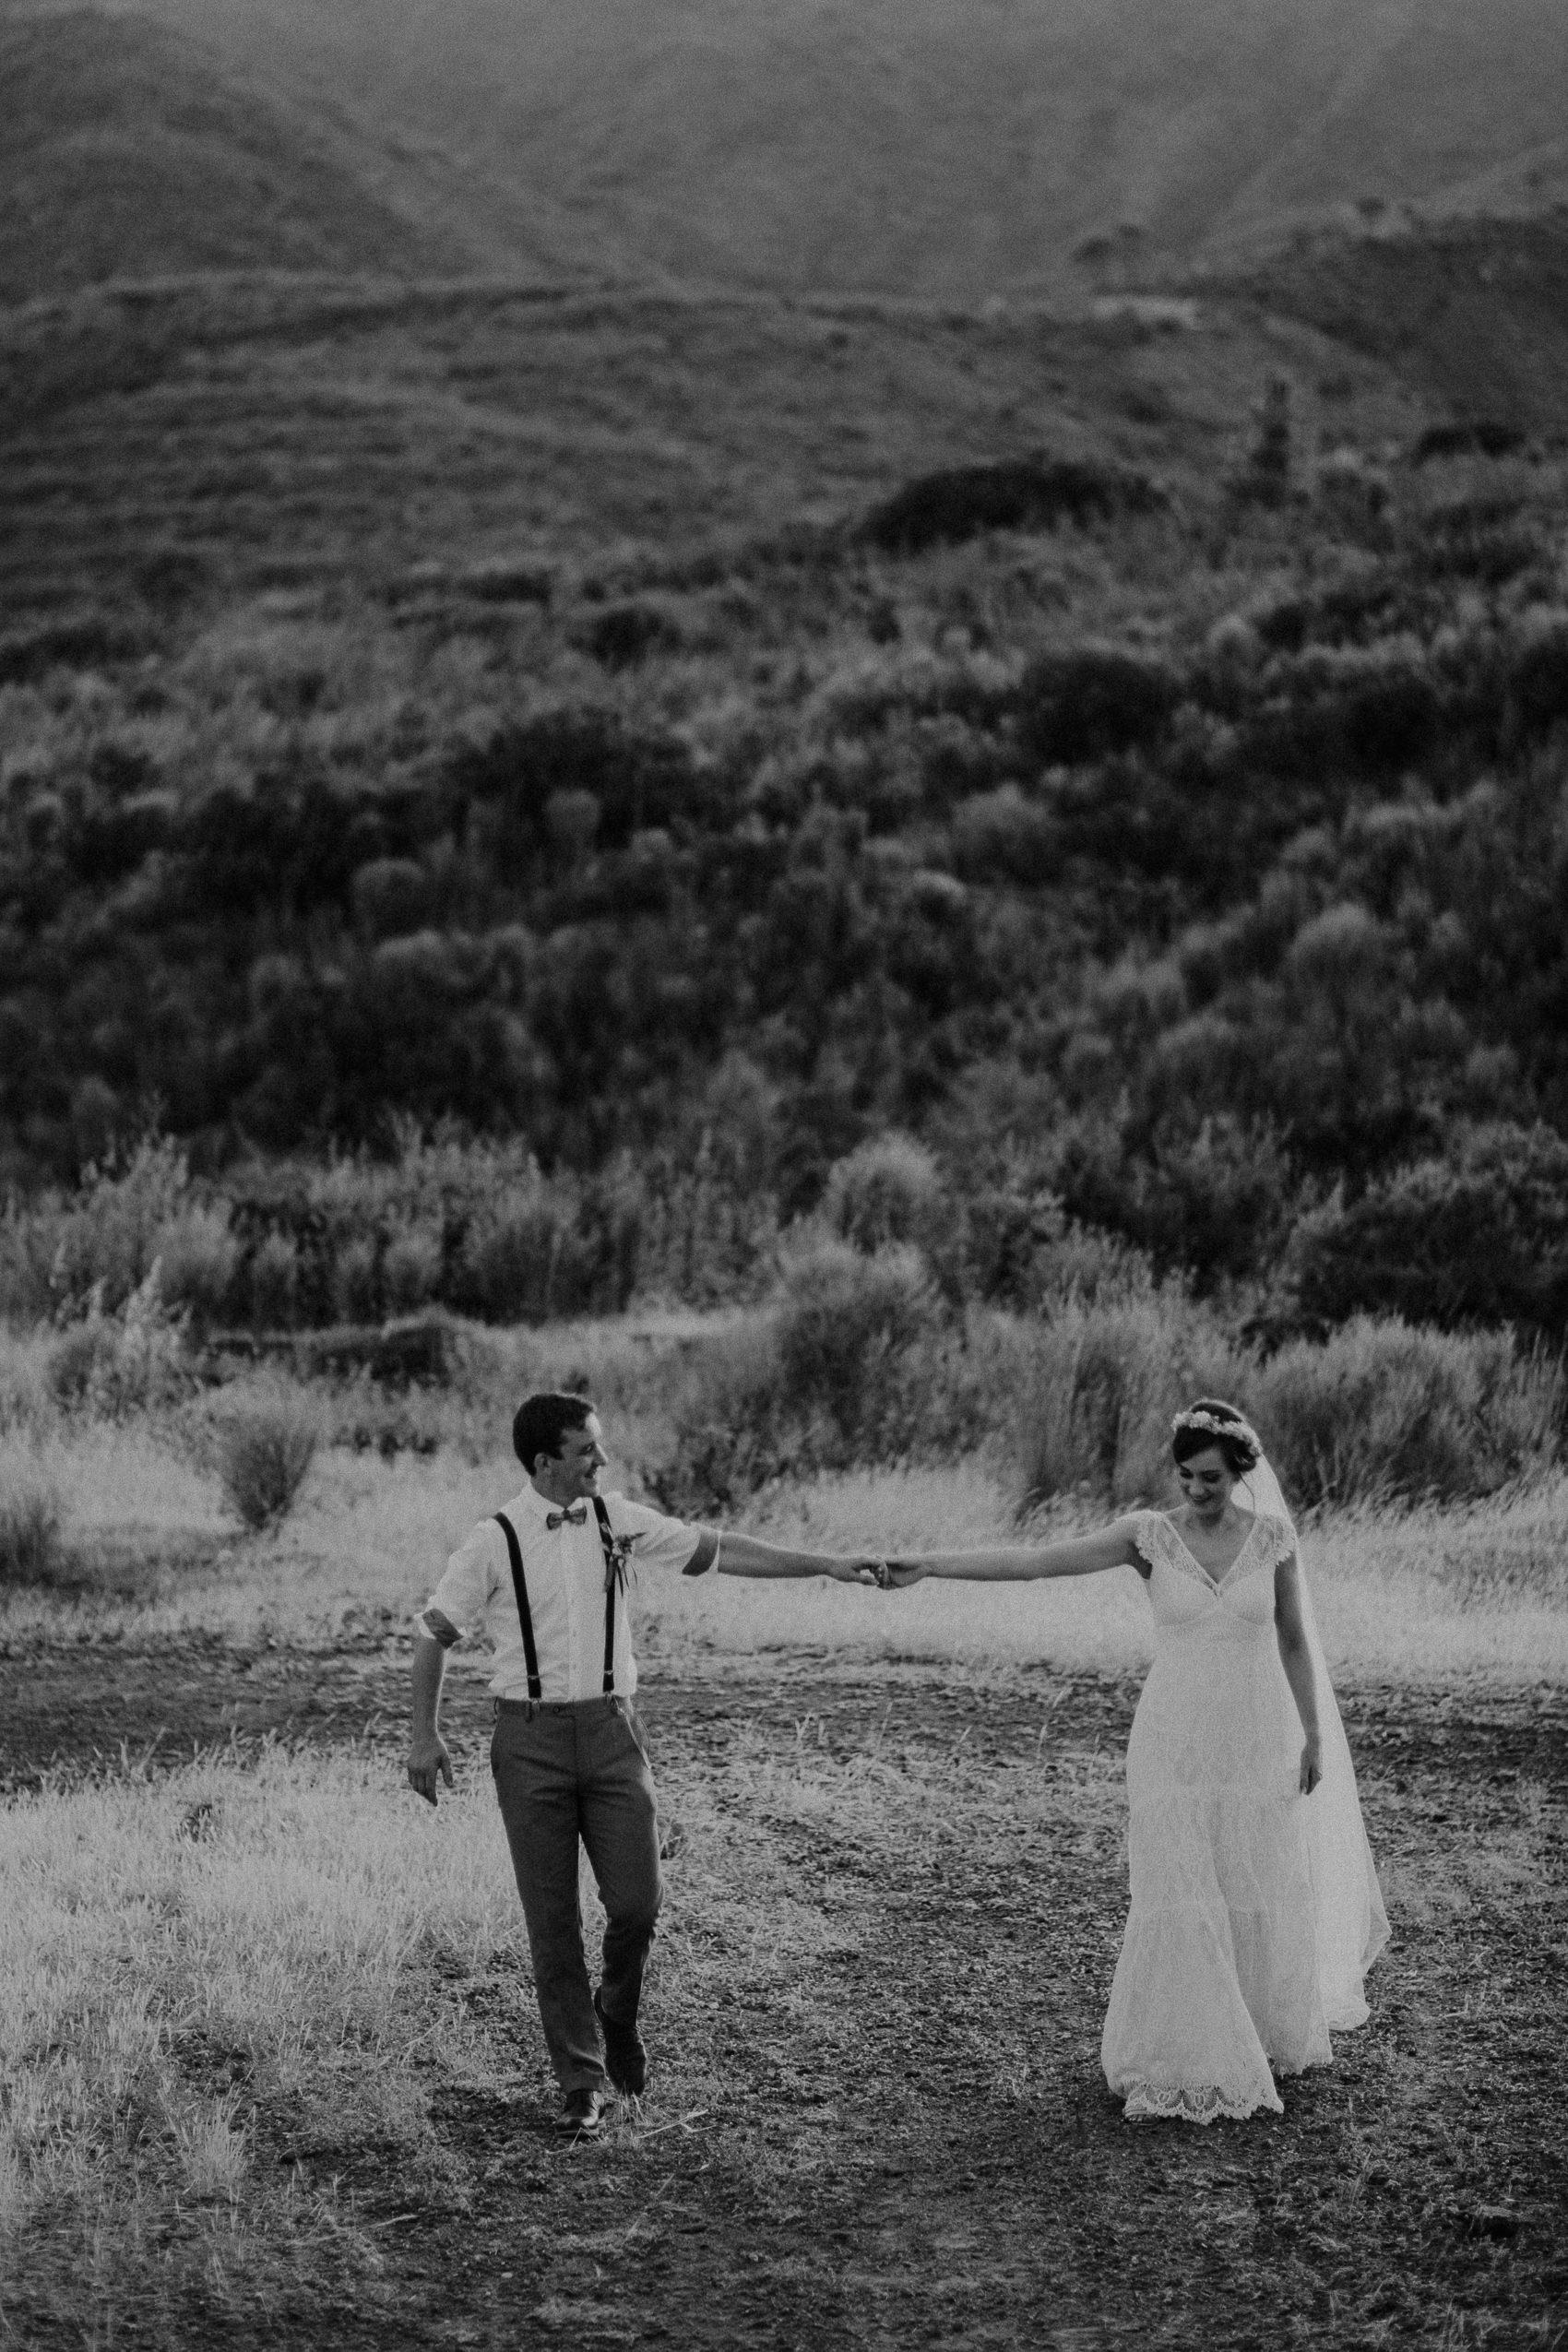 Sarah & Bill | Summer wedding at Cortijo Rosa Blanca | Marbella - Spain 139